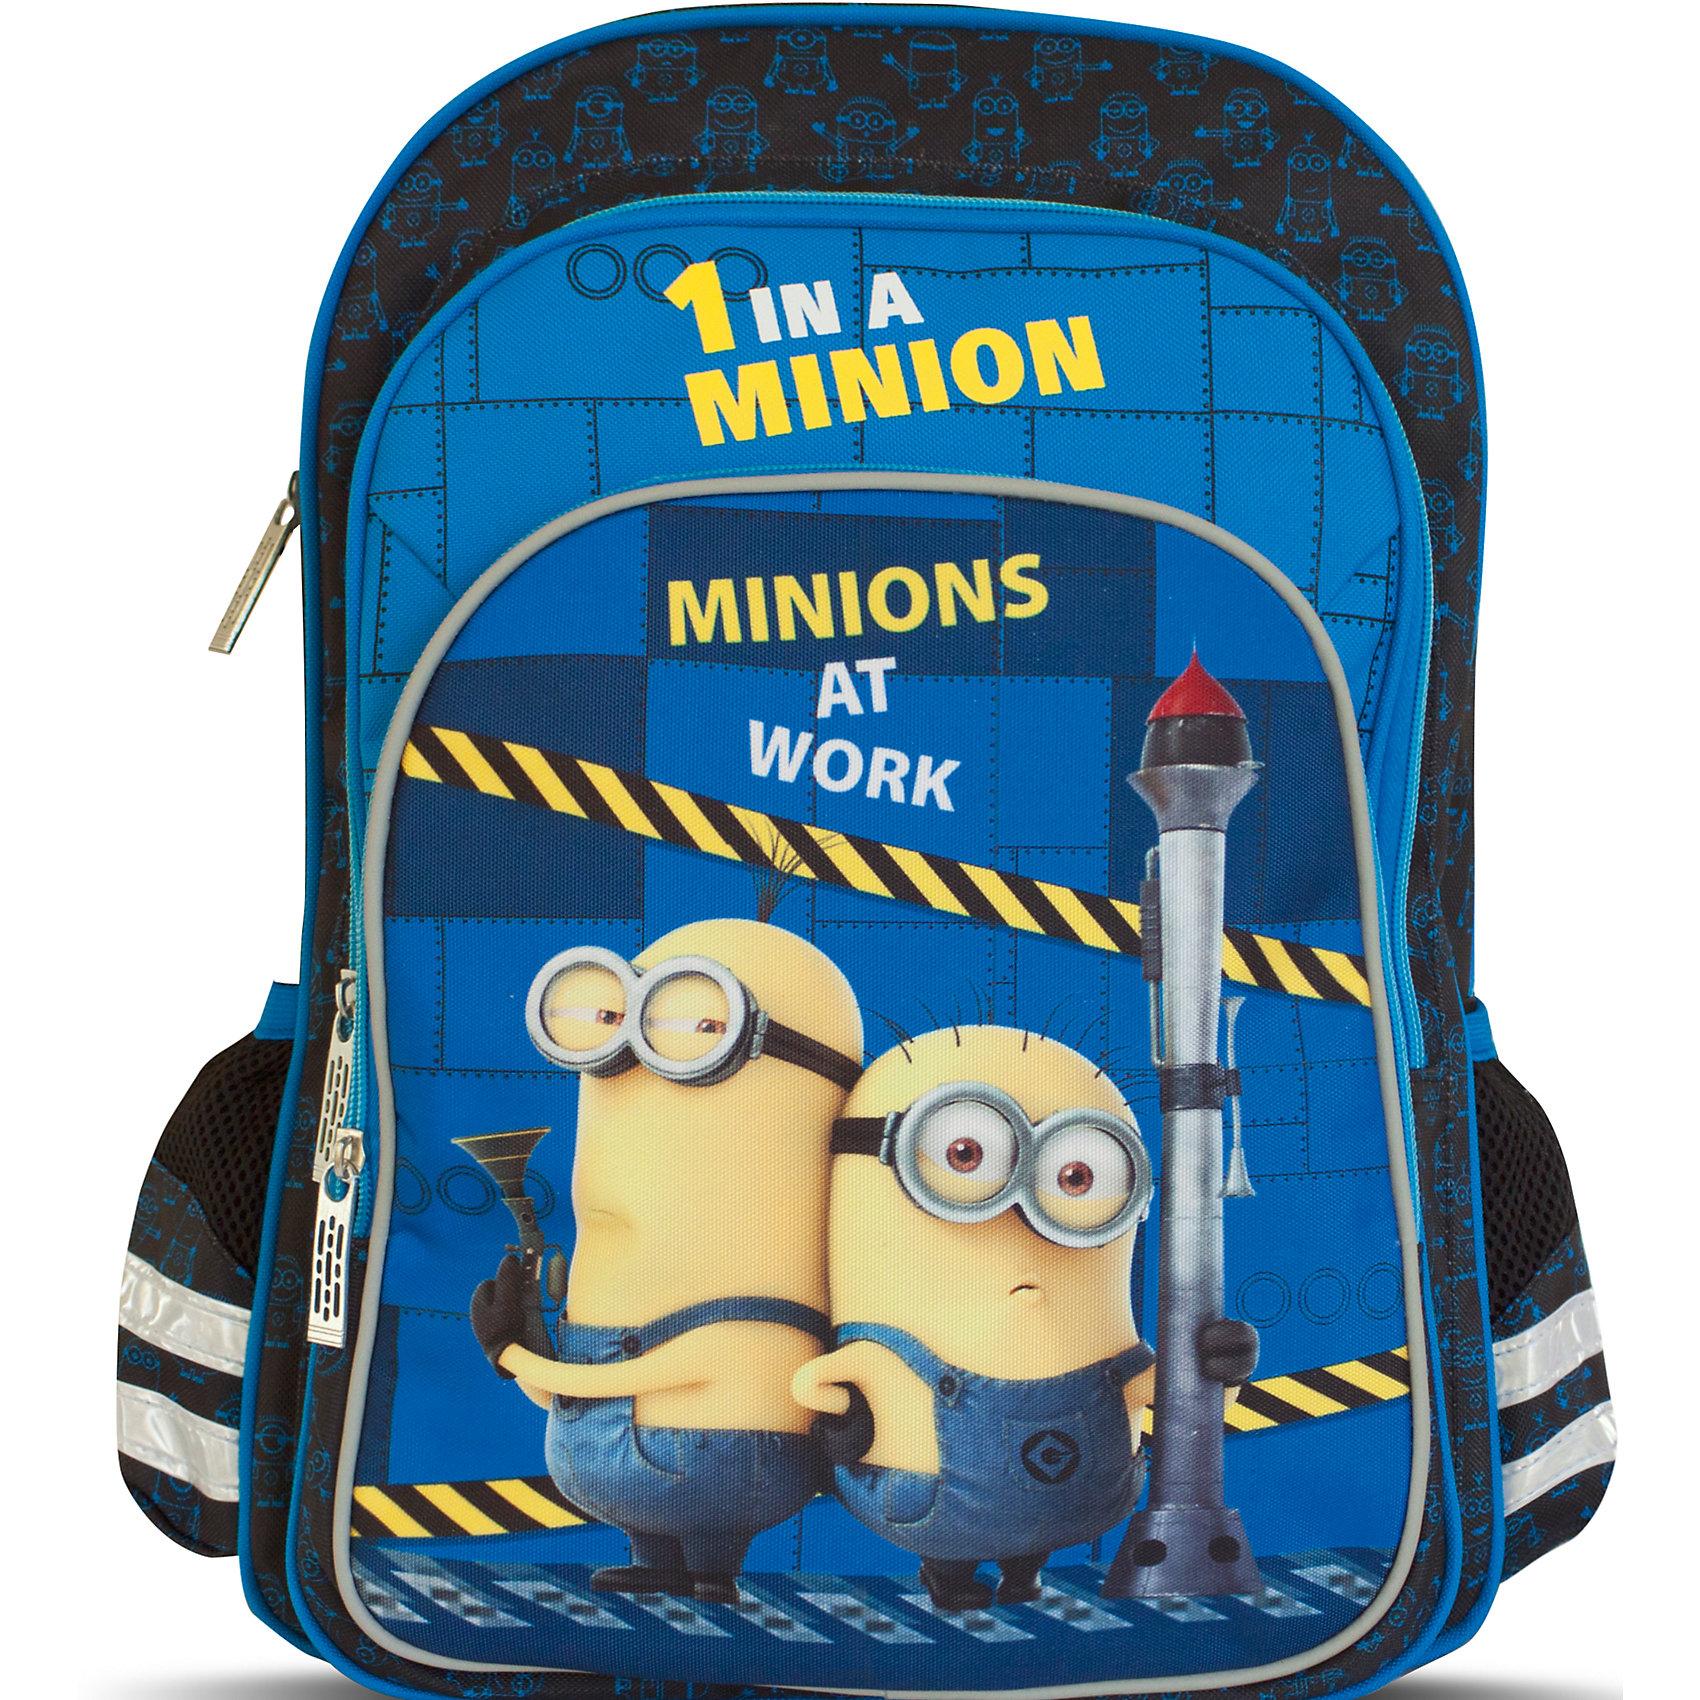 Ортопедический рюкзак МиньоныМиньоны<br>Мягкий ортопедический рюкзак «Гадкий Я» идеален для учебы в школе. Он имеет два объемных отделения на молнии: одно – основное, подходящее для учебников, с одним карманом для тетрадей; второе – поменьше, но достаточно вместительное для формата А4. Спереди размещается большой карман на молнии, внутри которого есть два маленьких кармашка, подходящих для кошелька или телефона. Два боковых сетчатых кармашка на резинках пригодятся для мелких предметов. Удобная ортопедическая спинка, созданная по специальной технологии из дышащего плотного и мягкого поролона, равномерно распределяет нагрузку на позвоночник. Мягкие анатомические регулируемые лямки оберегают плечи ребенка от натирания. Светоотражающие элементы, расположенные на лямках, лицевом и боковых карманах, повышают безопасность ребенка на дороге в темное время суток. Прорезиненная ручка удобна для переноски рюкзака в руке или размещения на вешалке. <br>Аксессуар декорирован модным принтом (сублимированной печатью). <br><br>Дополнительная информация:<br><br>Размер: 38х28х13 см.<br>Вес: 760 г.<br><br>Ортопедический рюкзак Миньоны  можно купить в нашем магазине.<br><br>Ширина мм: 390<br>Глубина мм: 330<br>Высота мм: 60<br>Вес г: 760<br>Возраст от месяцев: 36<br>Возраст до месяцев: 120<br>Пол: Унисекс<br>Возраст: Детский<br>SKU: 4646737